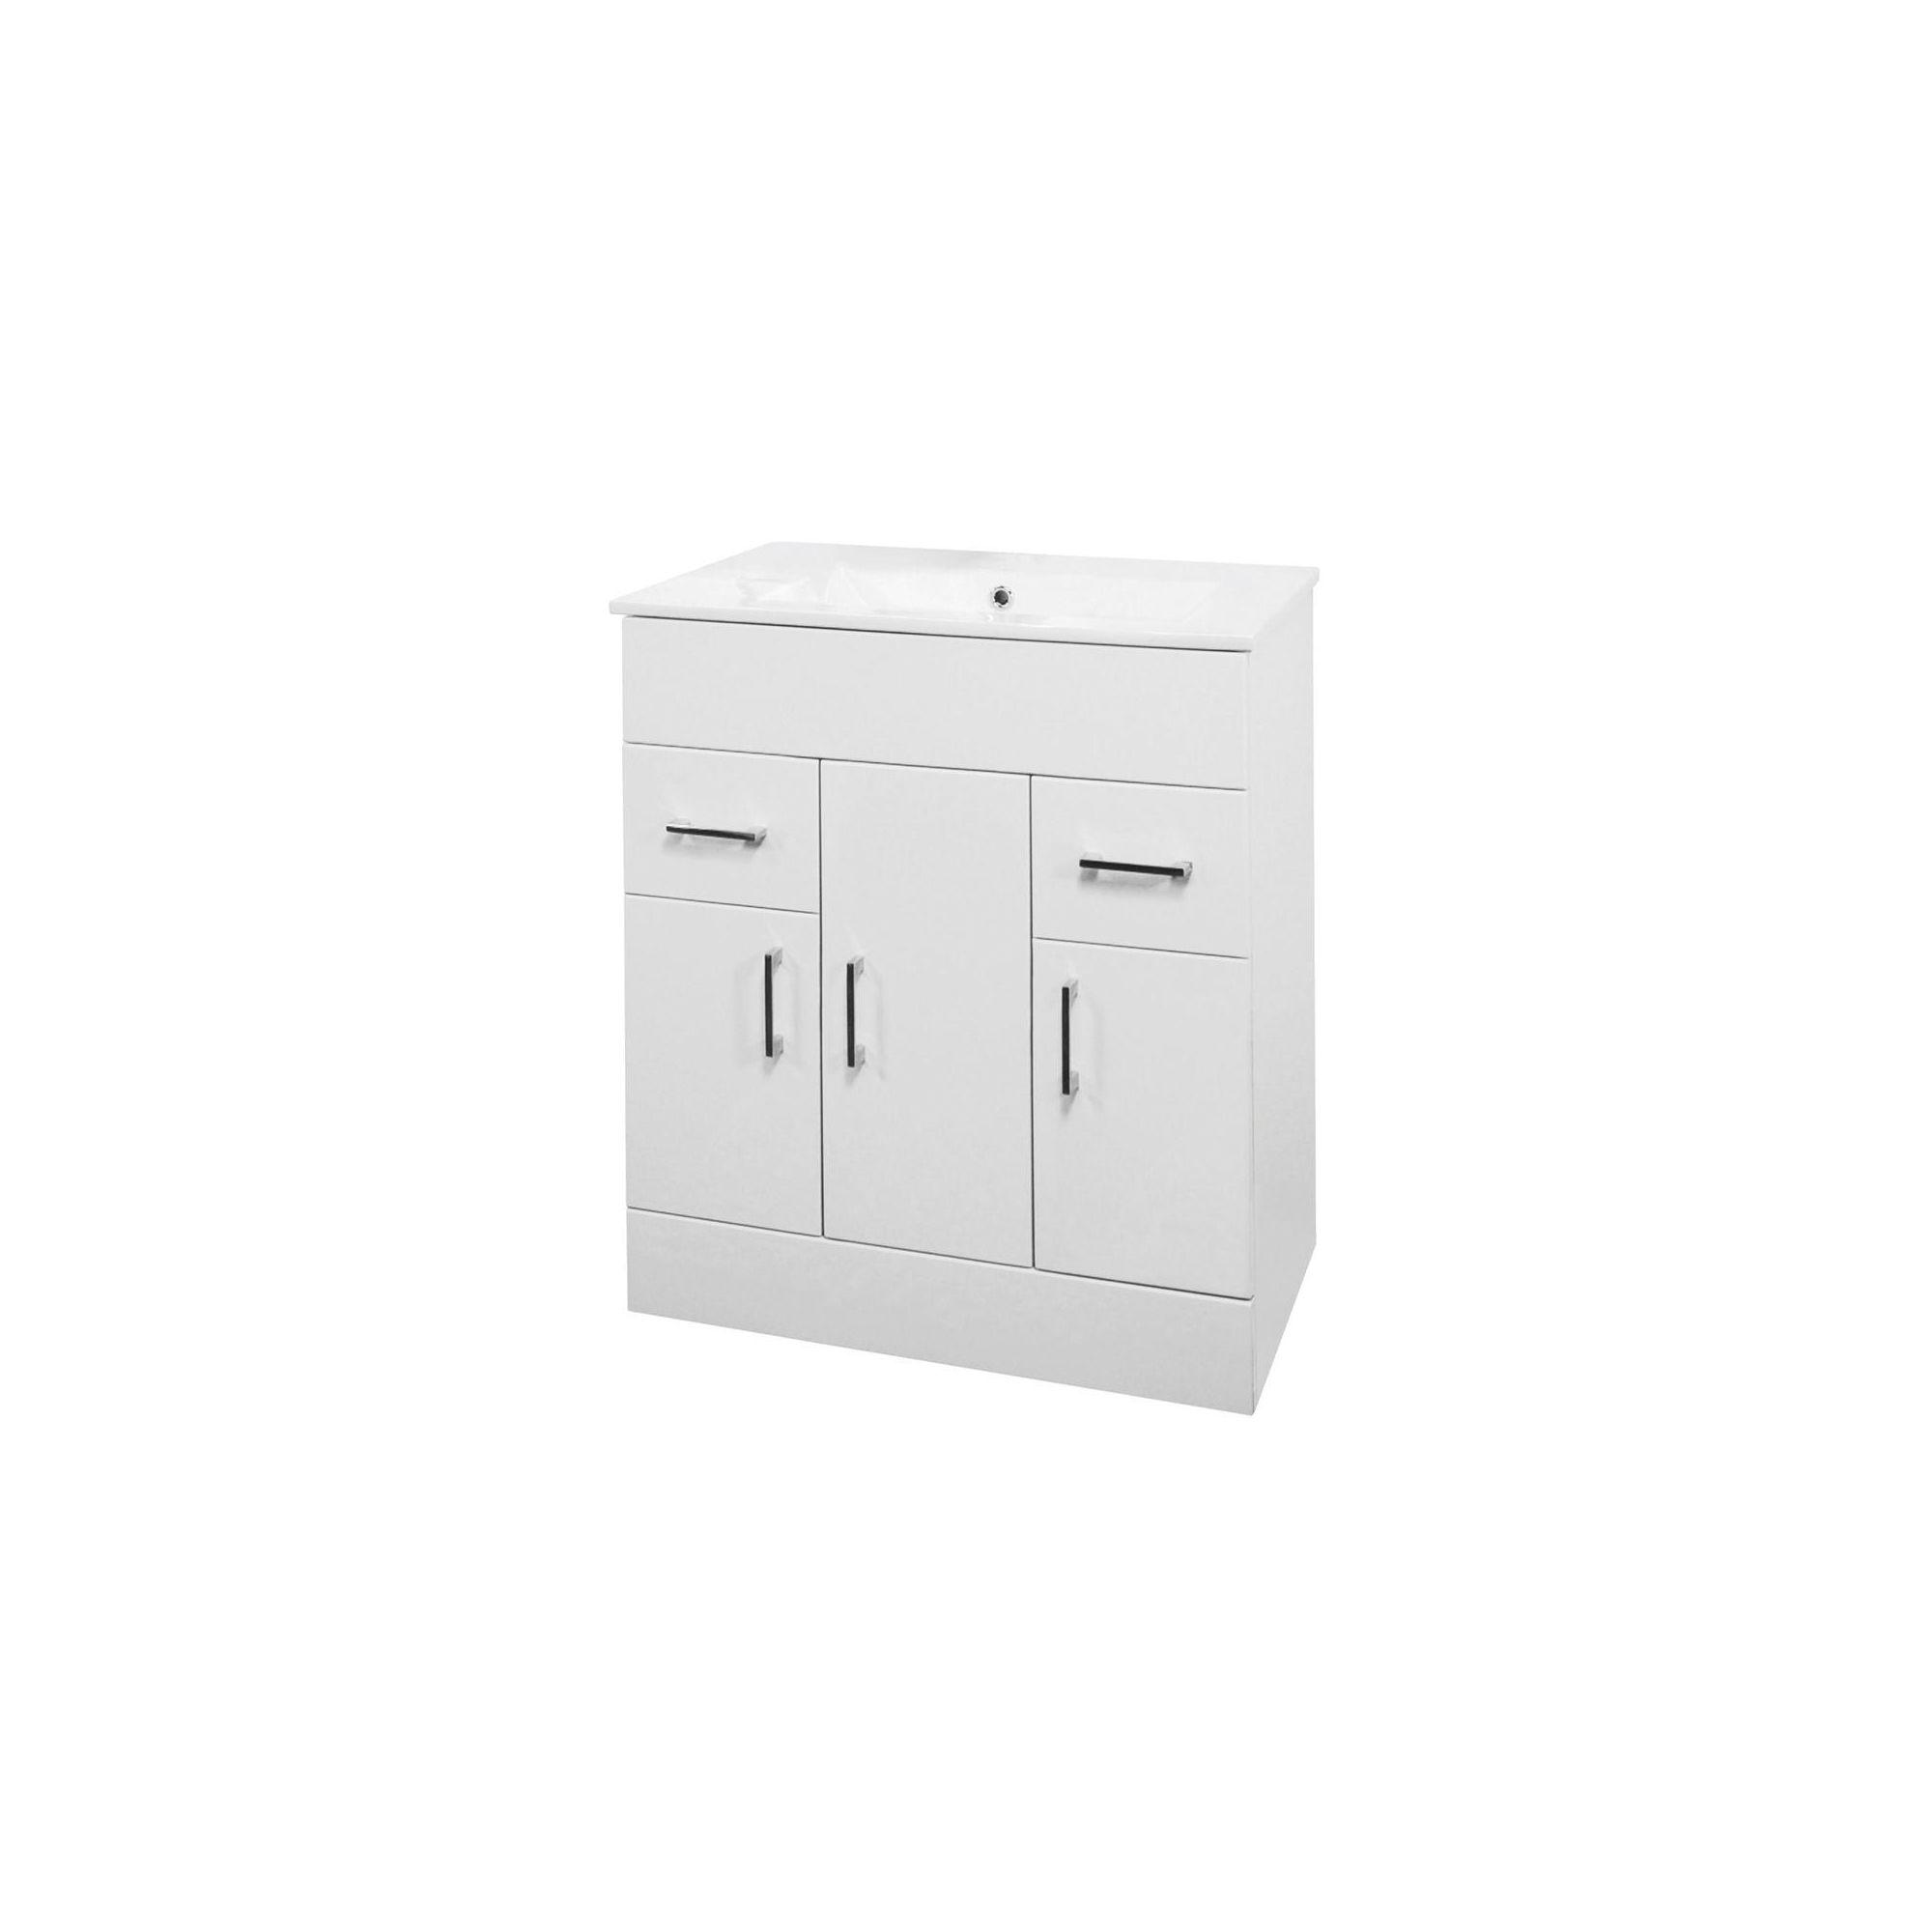 Bathroom cabinets tesco in billings deebonk for Bathroom cabinets 200mm wide